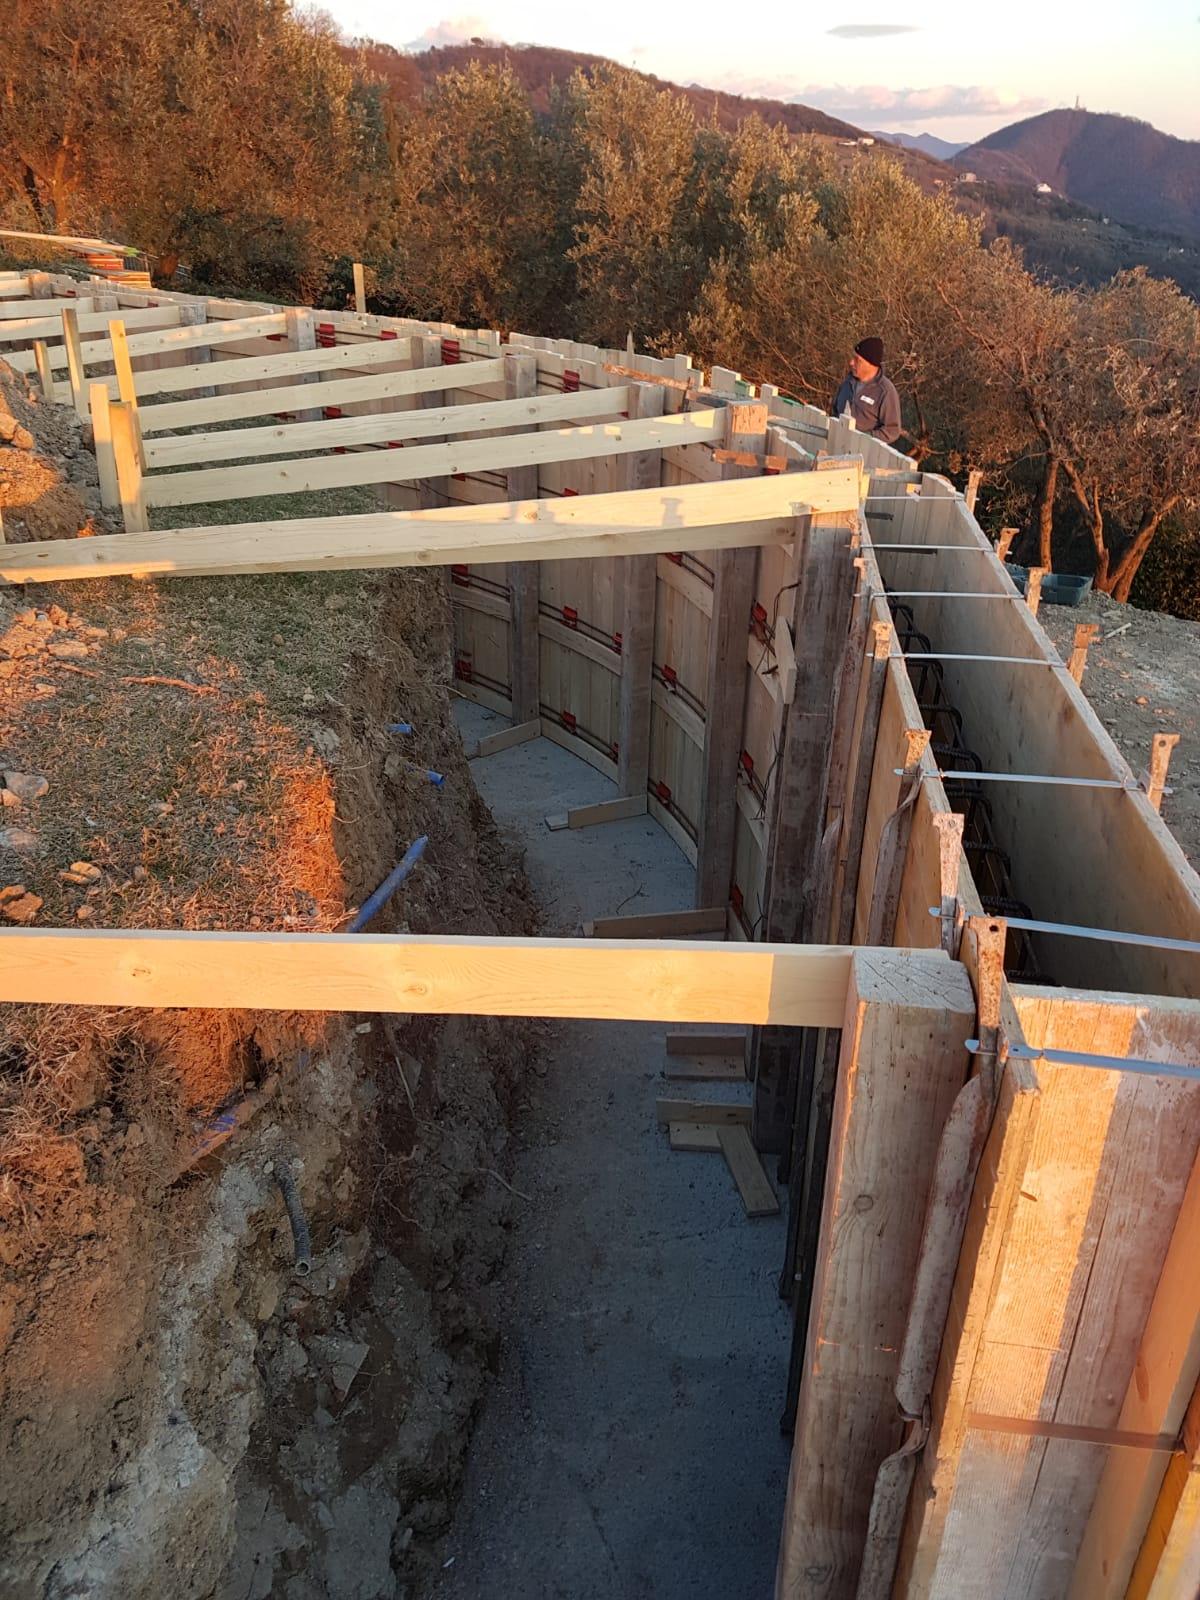 12. Predisposizione sistema metallico di contenimento per evitare il ribaltamento dei casseformi in legno: lavori in corso.